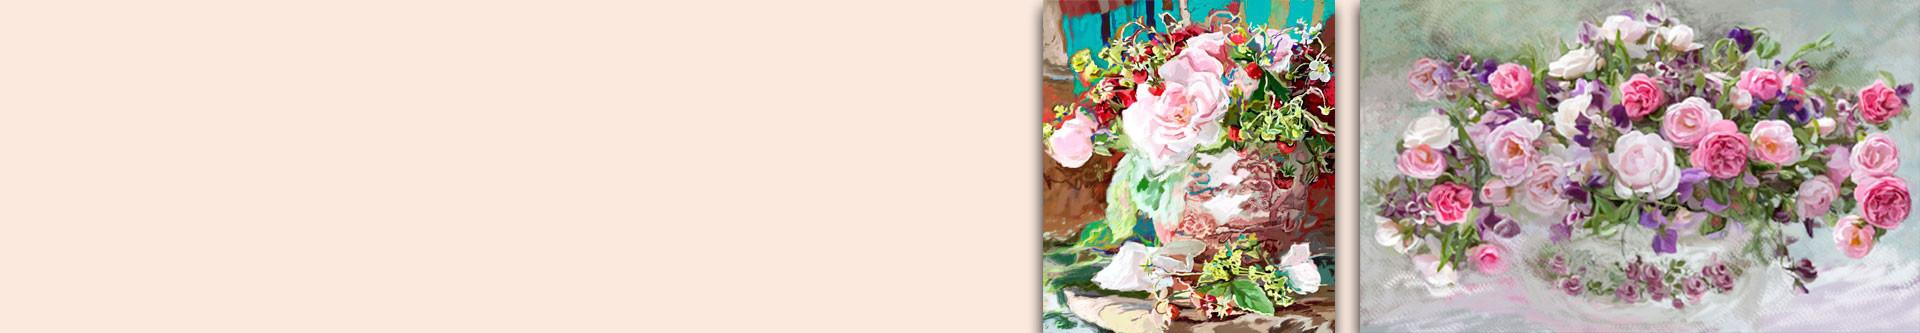 Obrazy róże - kolorowe obrazy i czarno białe - grafikiobrazy.pl